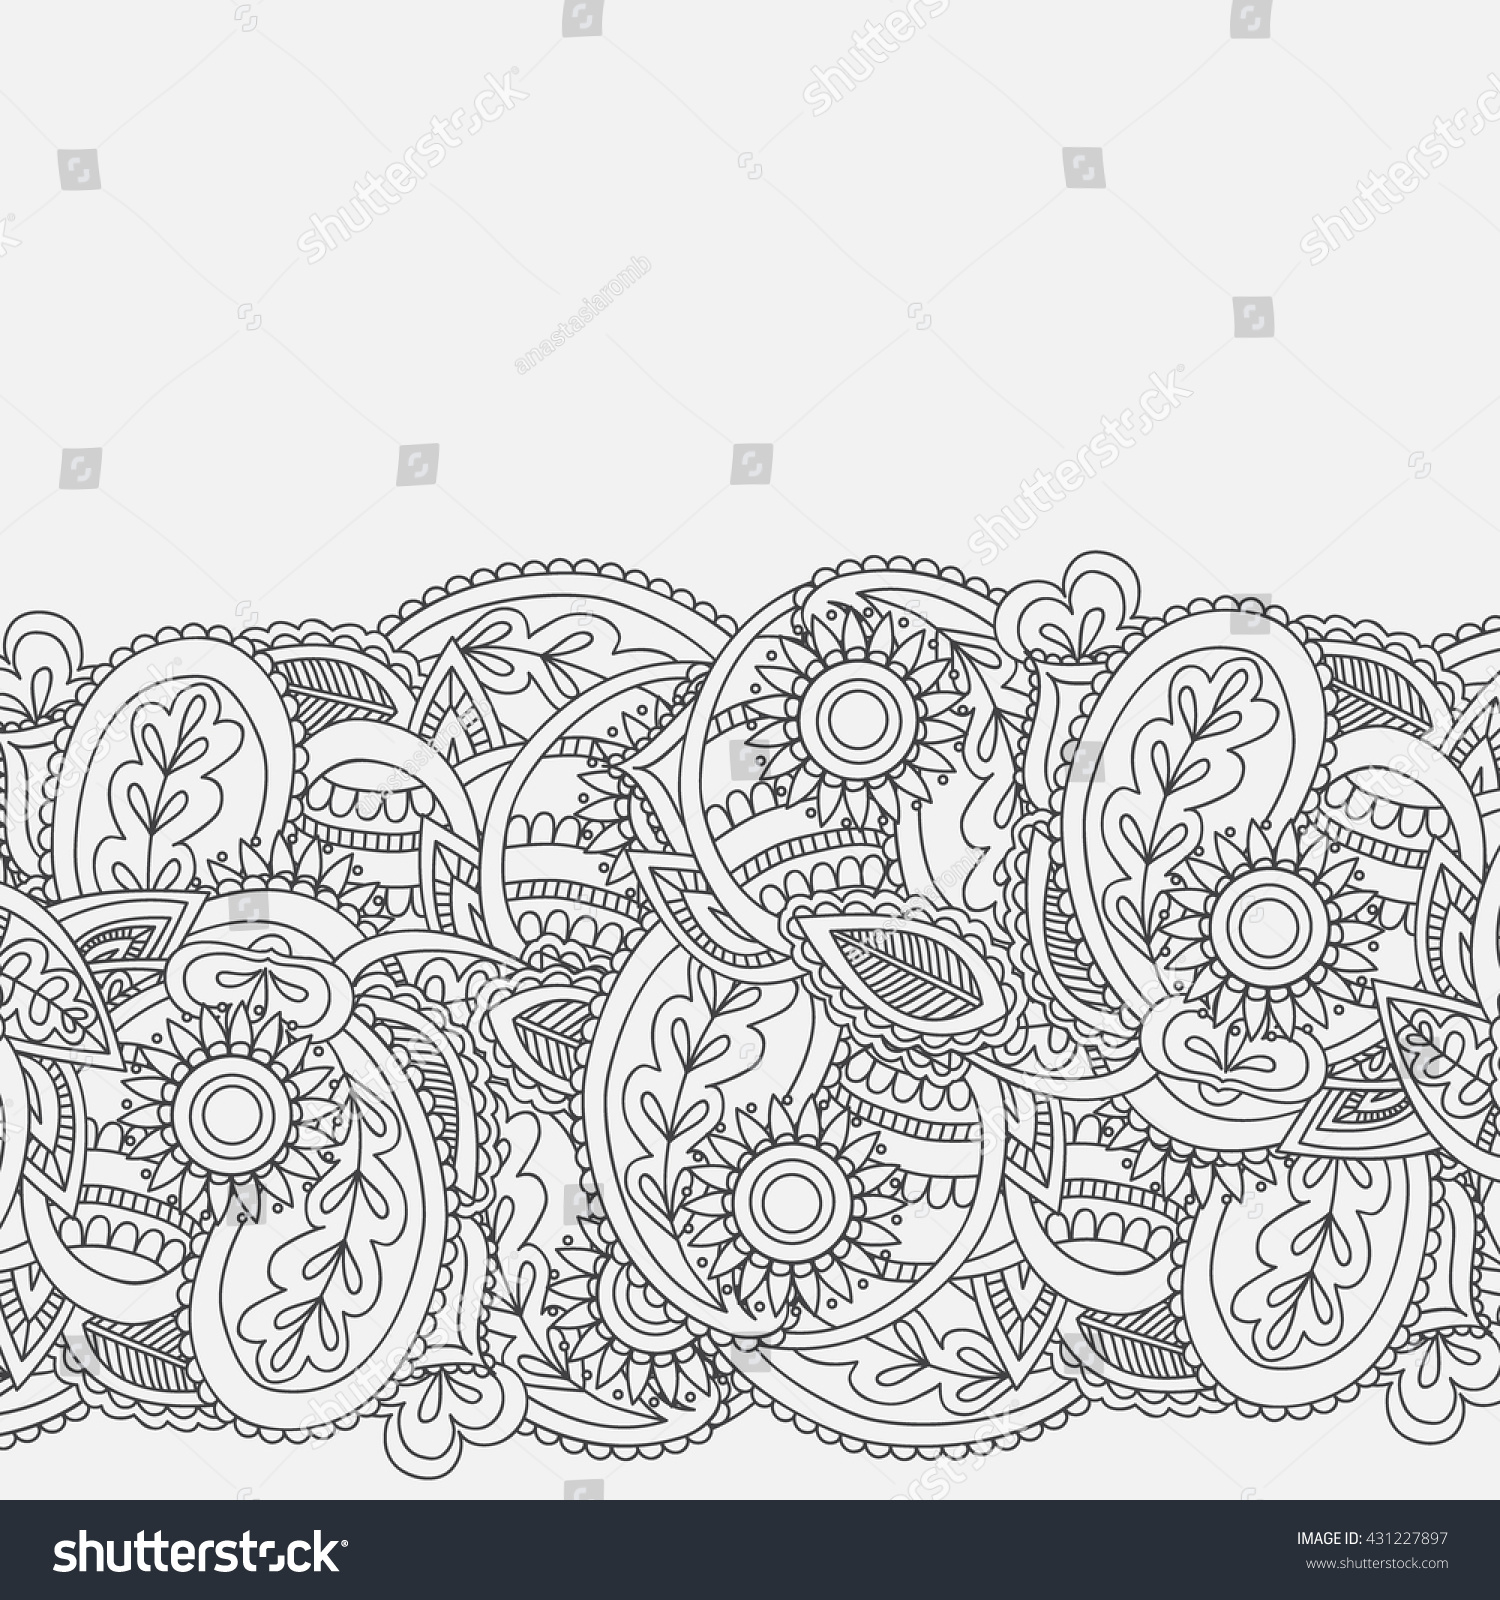 Henna Mehndi Card Template Mehndi Invitation Stock Photo Photo